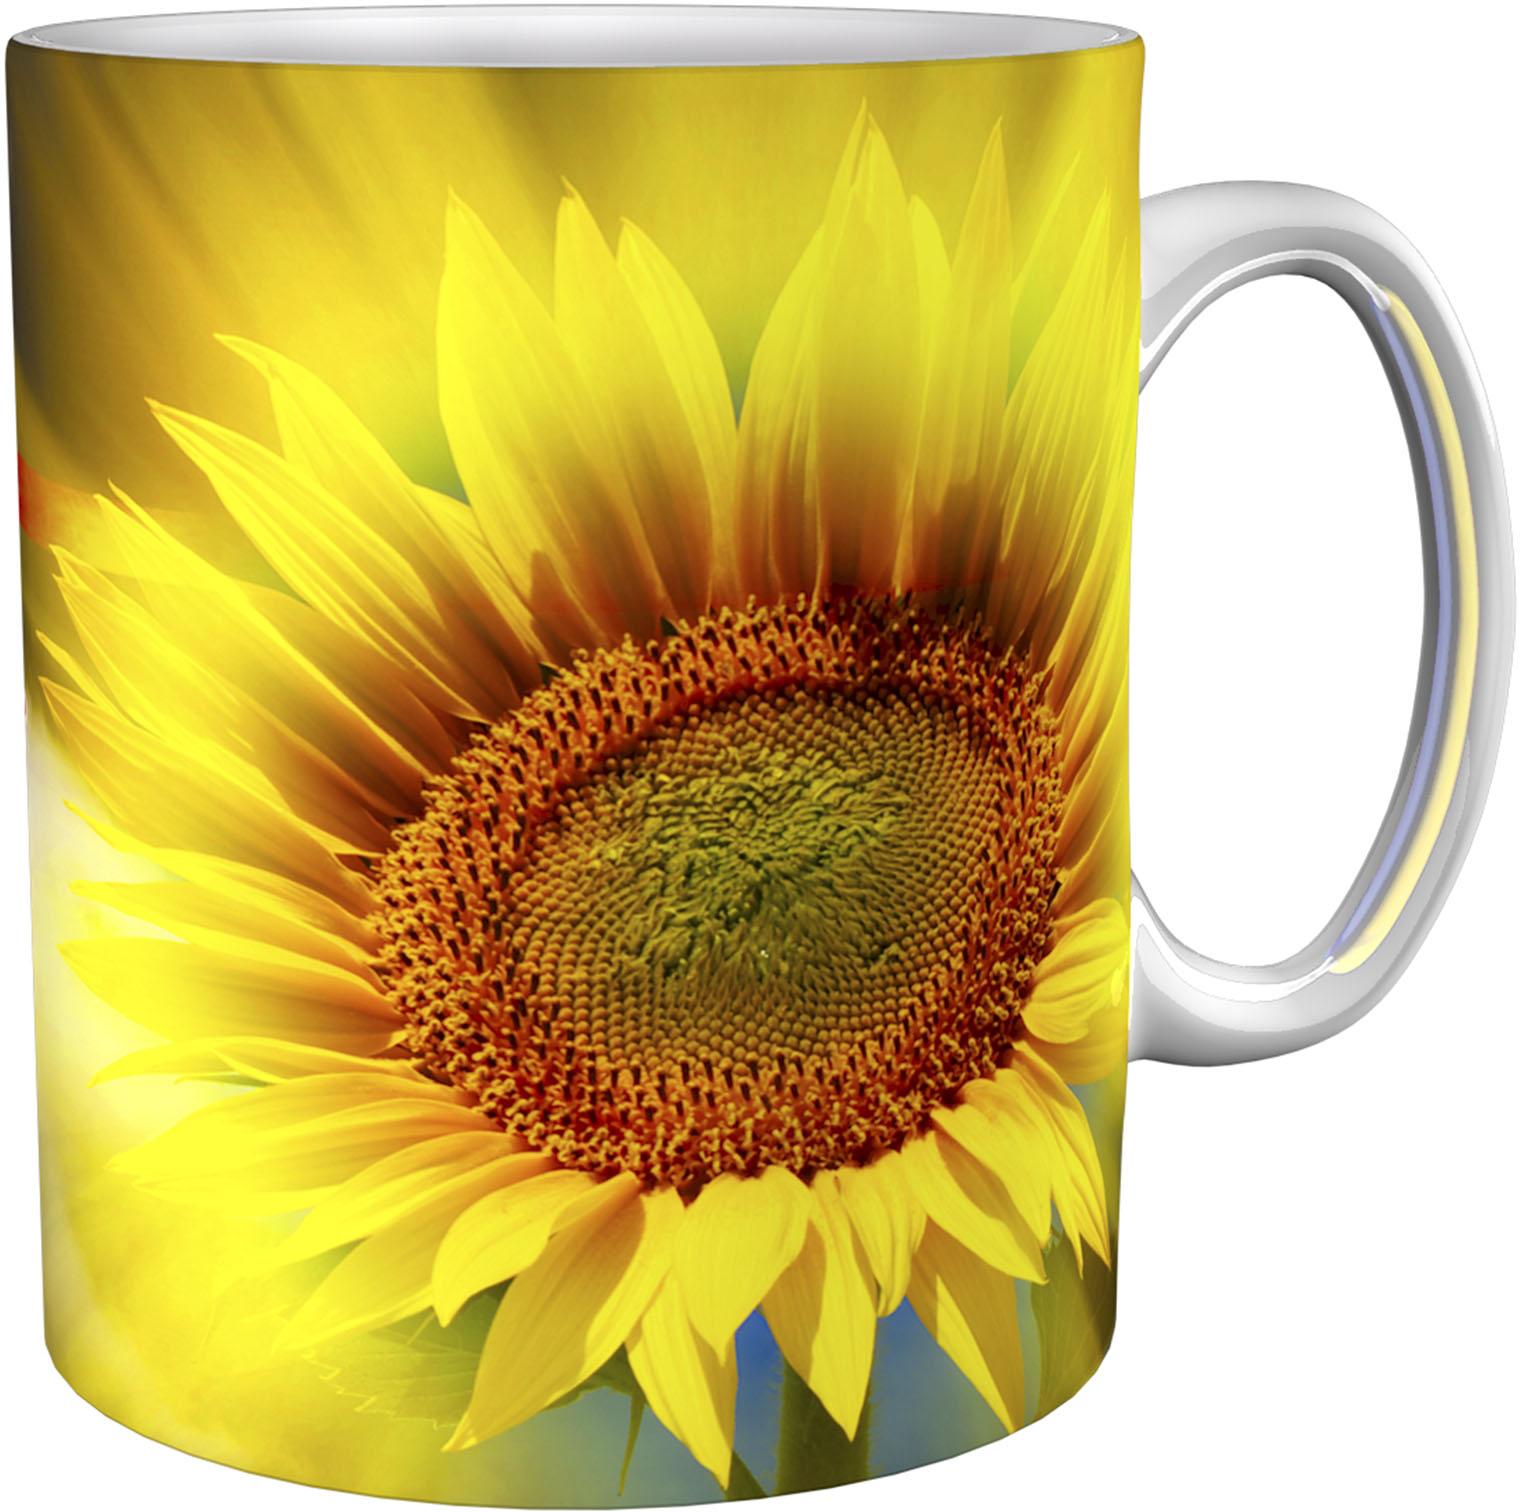 Kaffeetasse / Kaffeebecher / Sonnenblume / Konfirmation